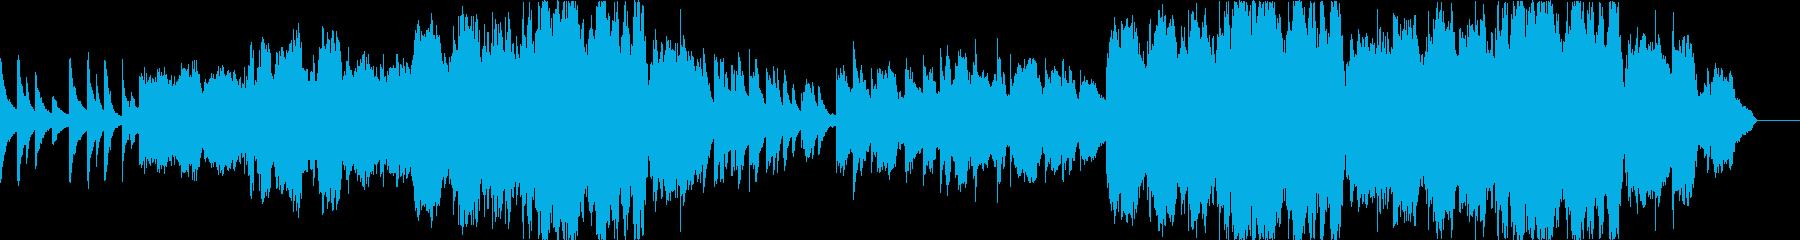 大切な人に贈る 感動系ピアノオーケストラの再生済みの波形